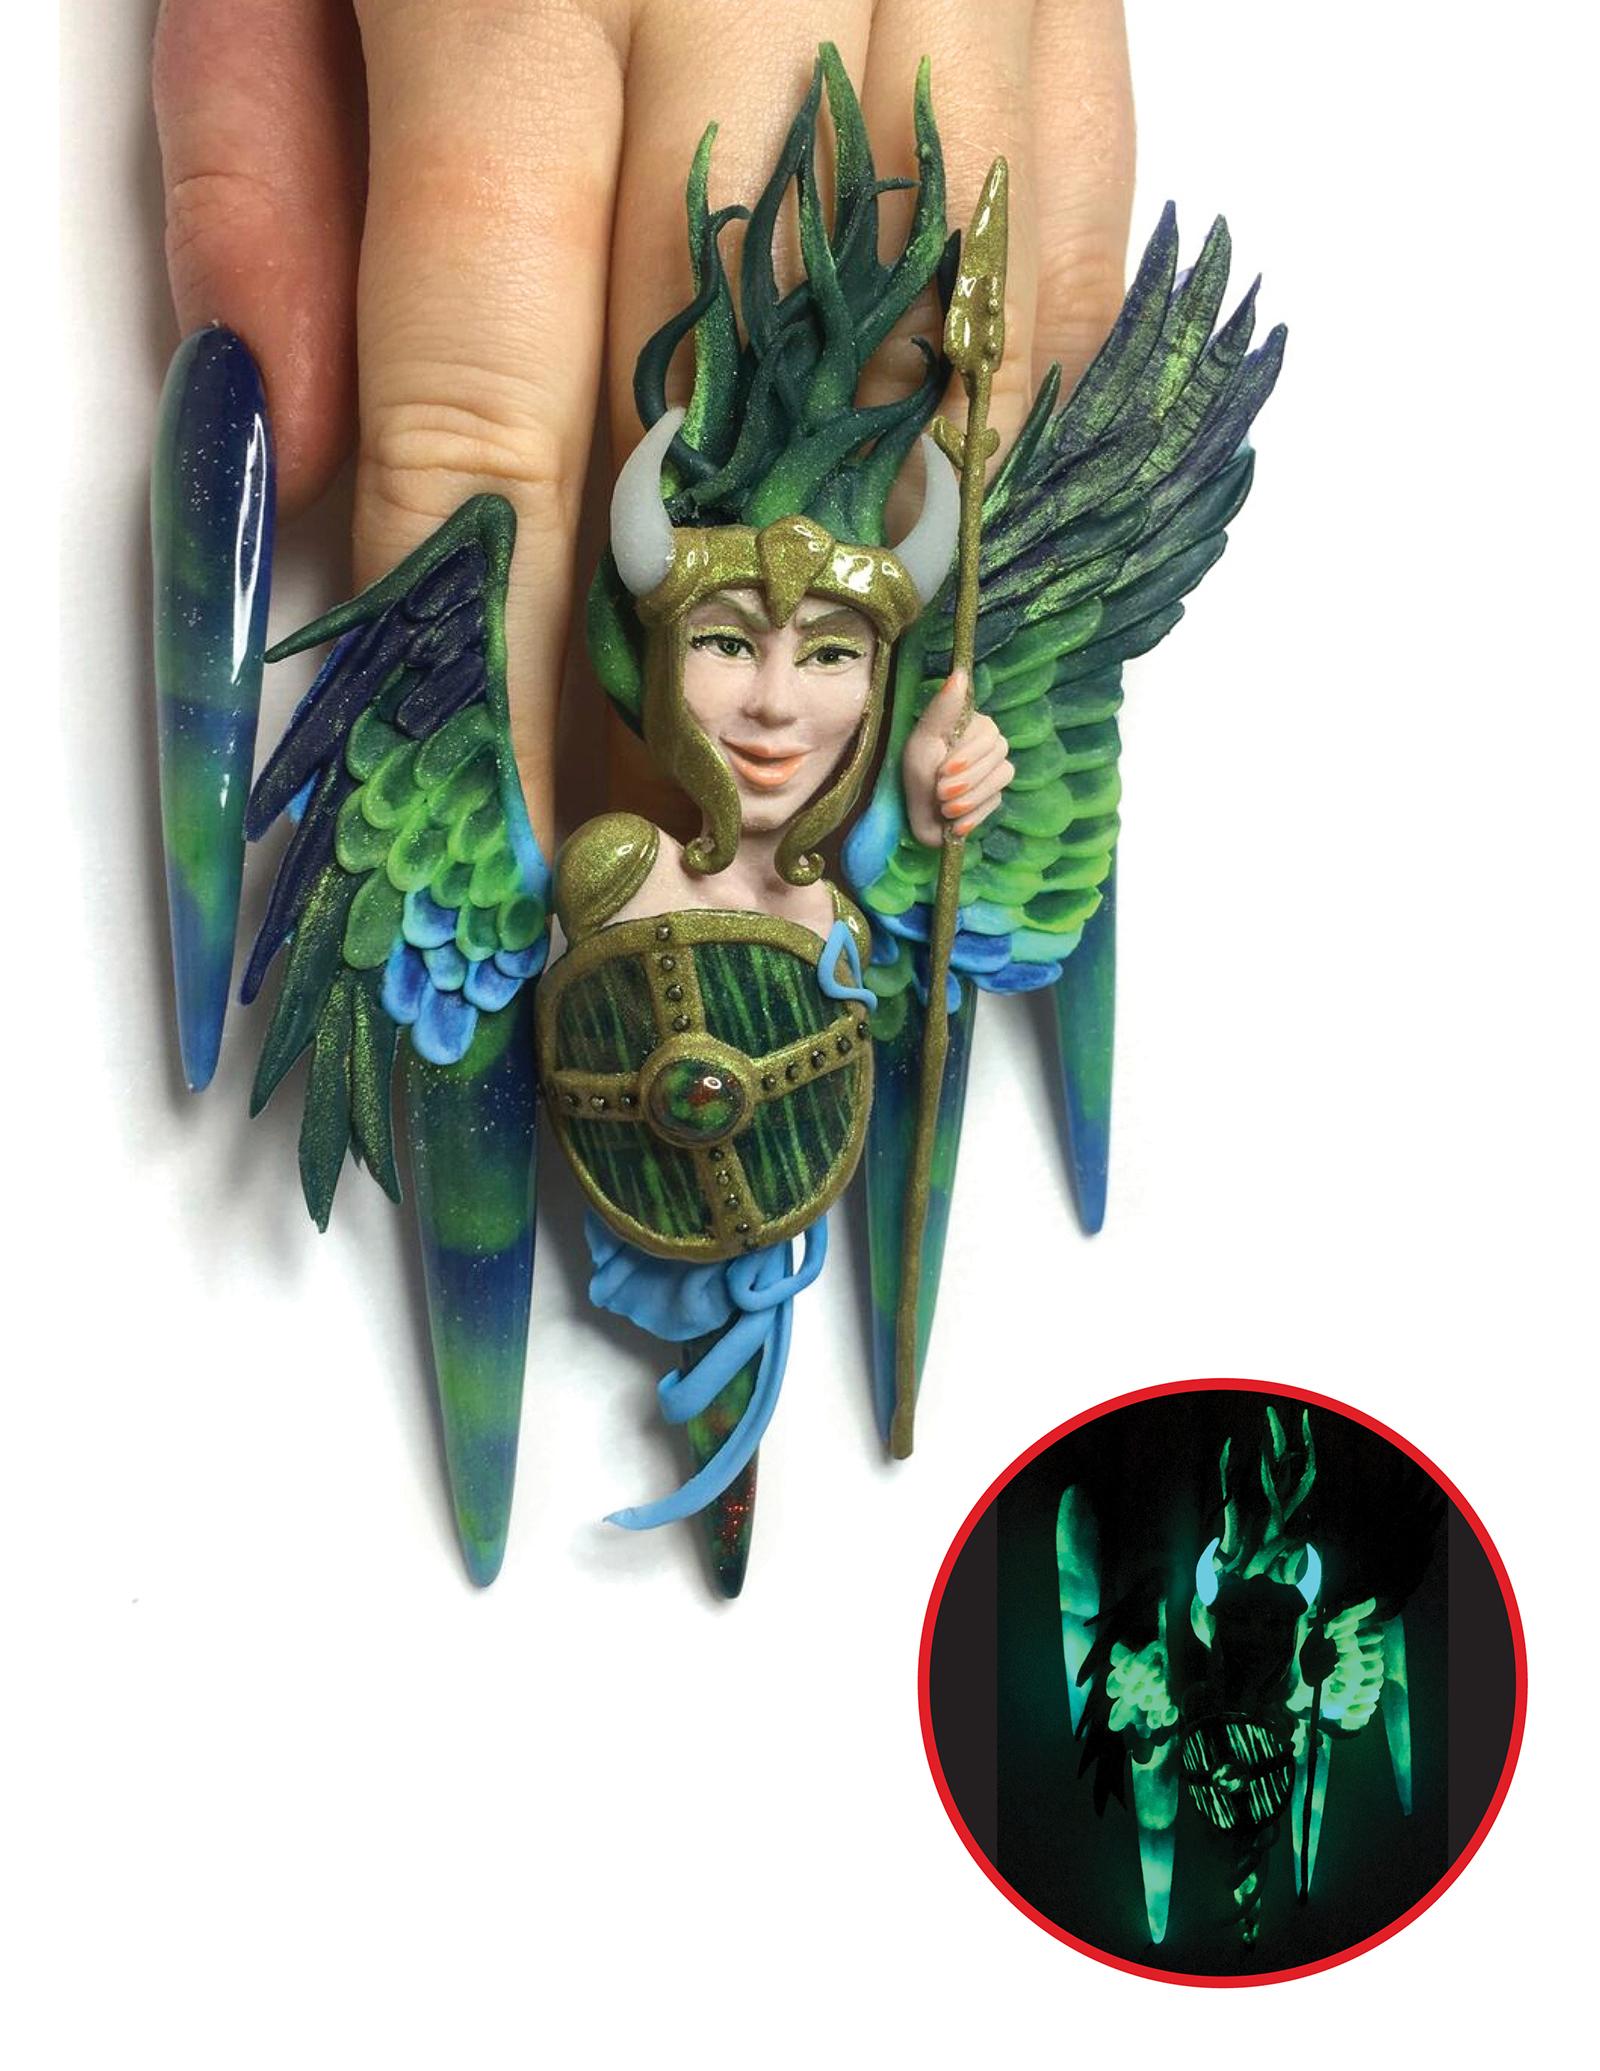 NTNA S. 6 Challenge 5: Northern Lights Nail Art (Nixxi)